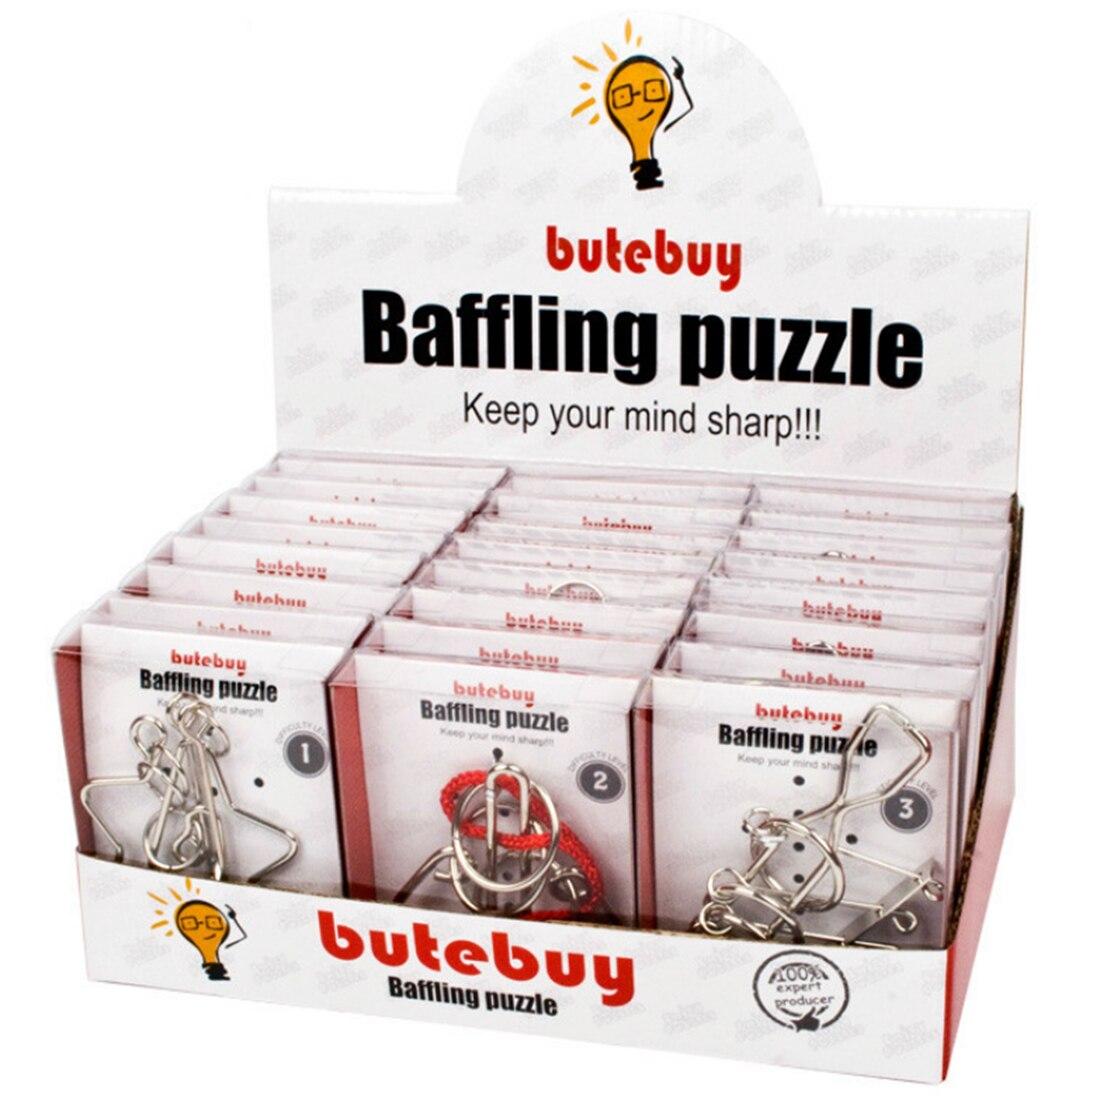 24 pcs Classique IQ Métal Fil Puzzles Casse-tête Classique Jouet Intellectuelle Puzzles Jeu Jouets Pour Adultes Enfants-Argent